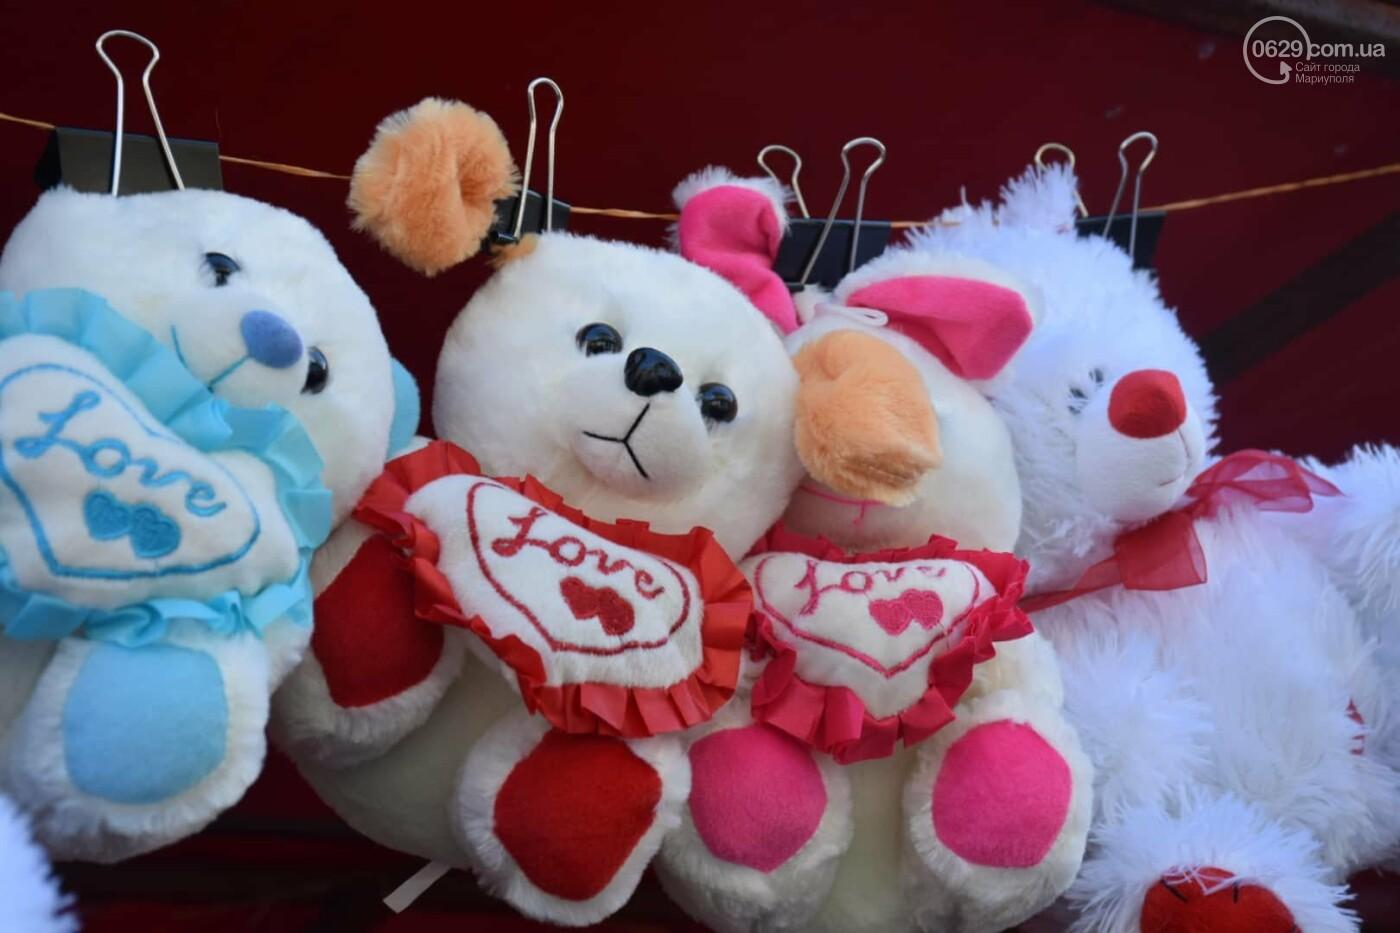 День Святого Валентина в Мариуполе: цветы, шары и мужчины-романтики, - ФОТОРЕПОРТАЖ, фото-17